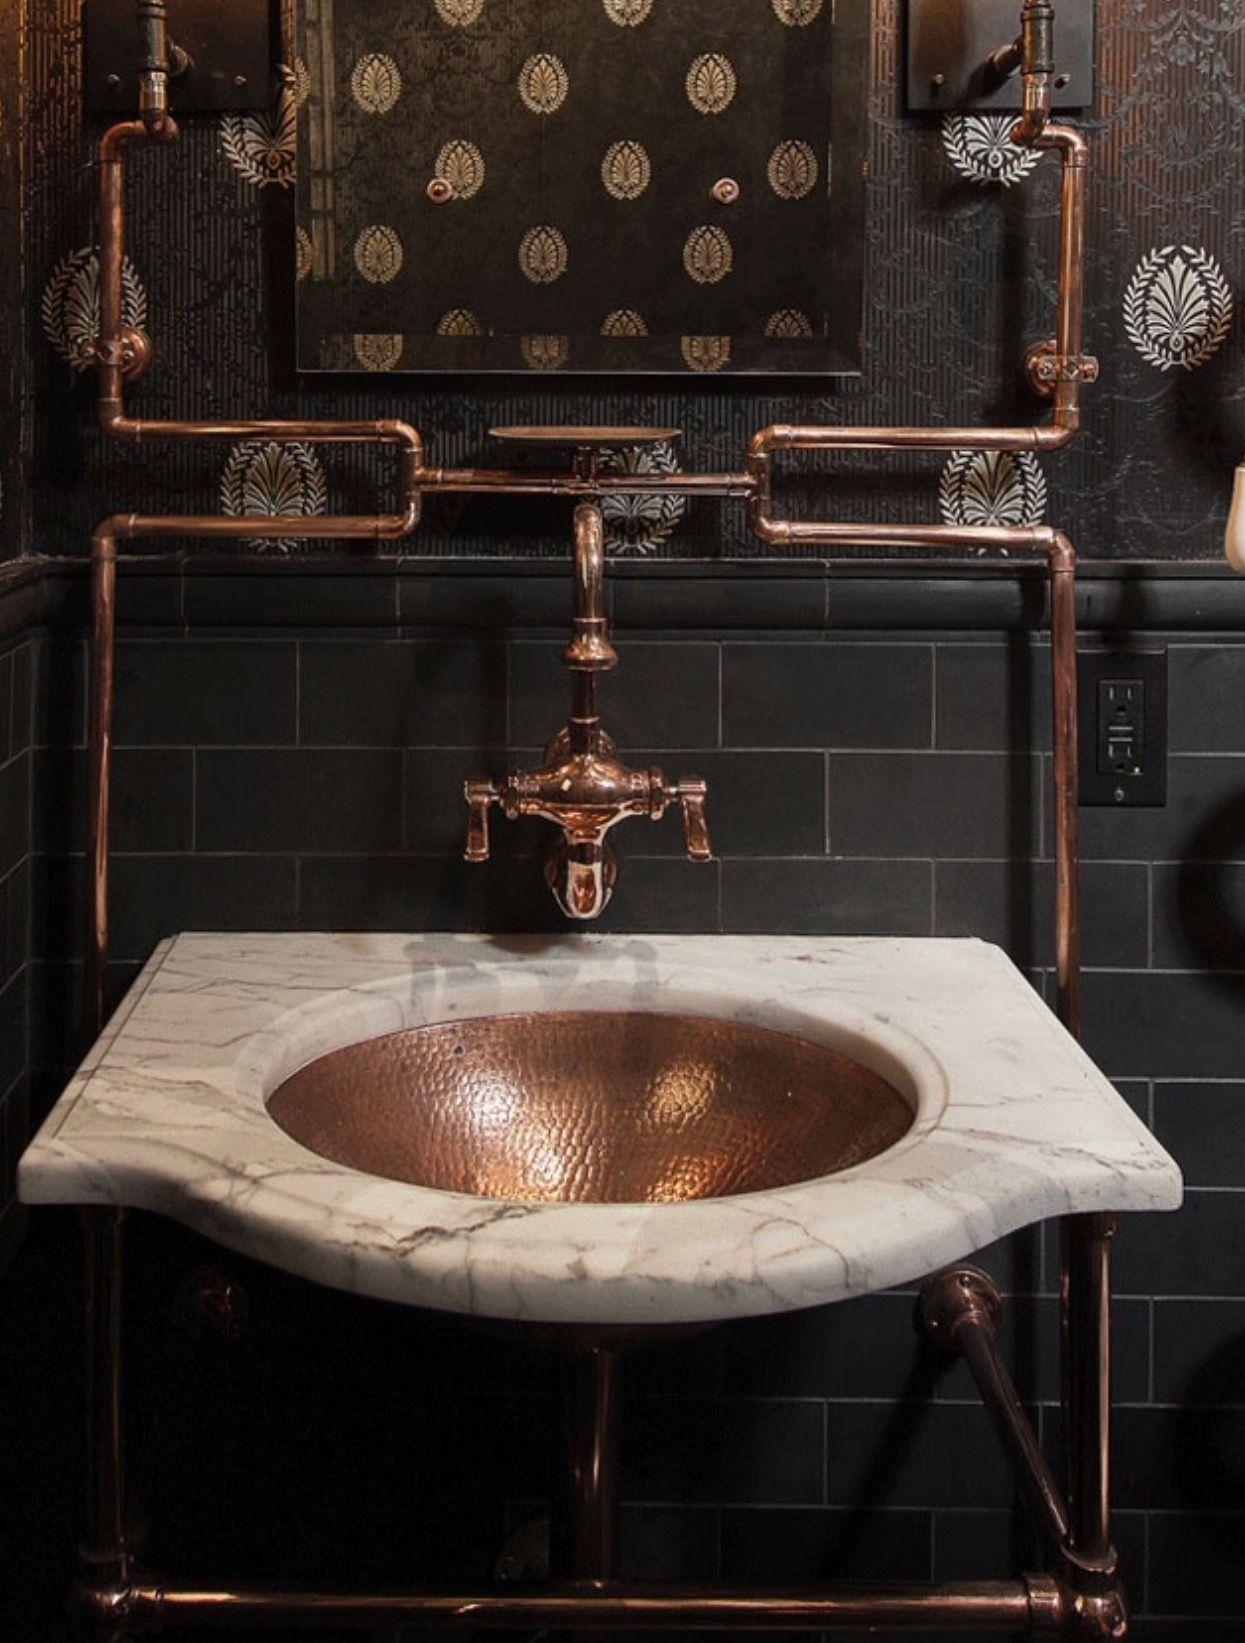 steampunk inneneinrichtung gestalten tipps, pin von ej baker auf bathrooms | pinterest, Design ideen